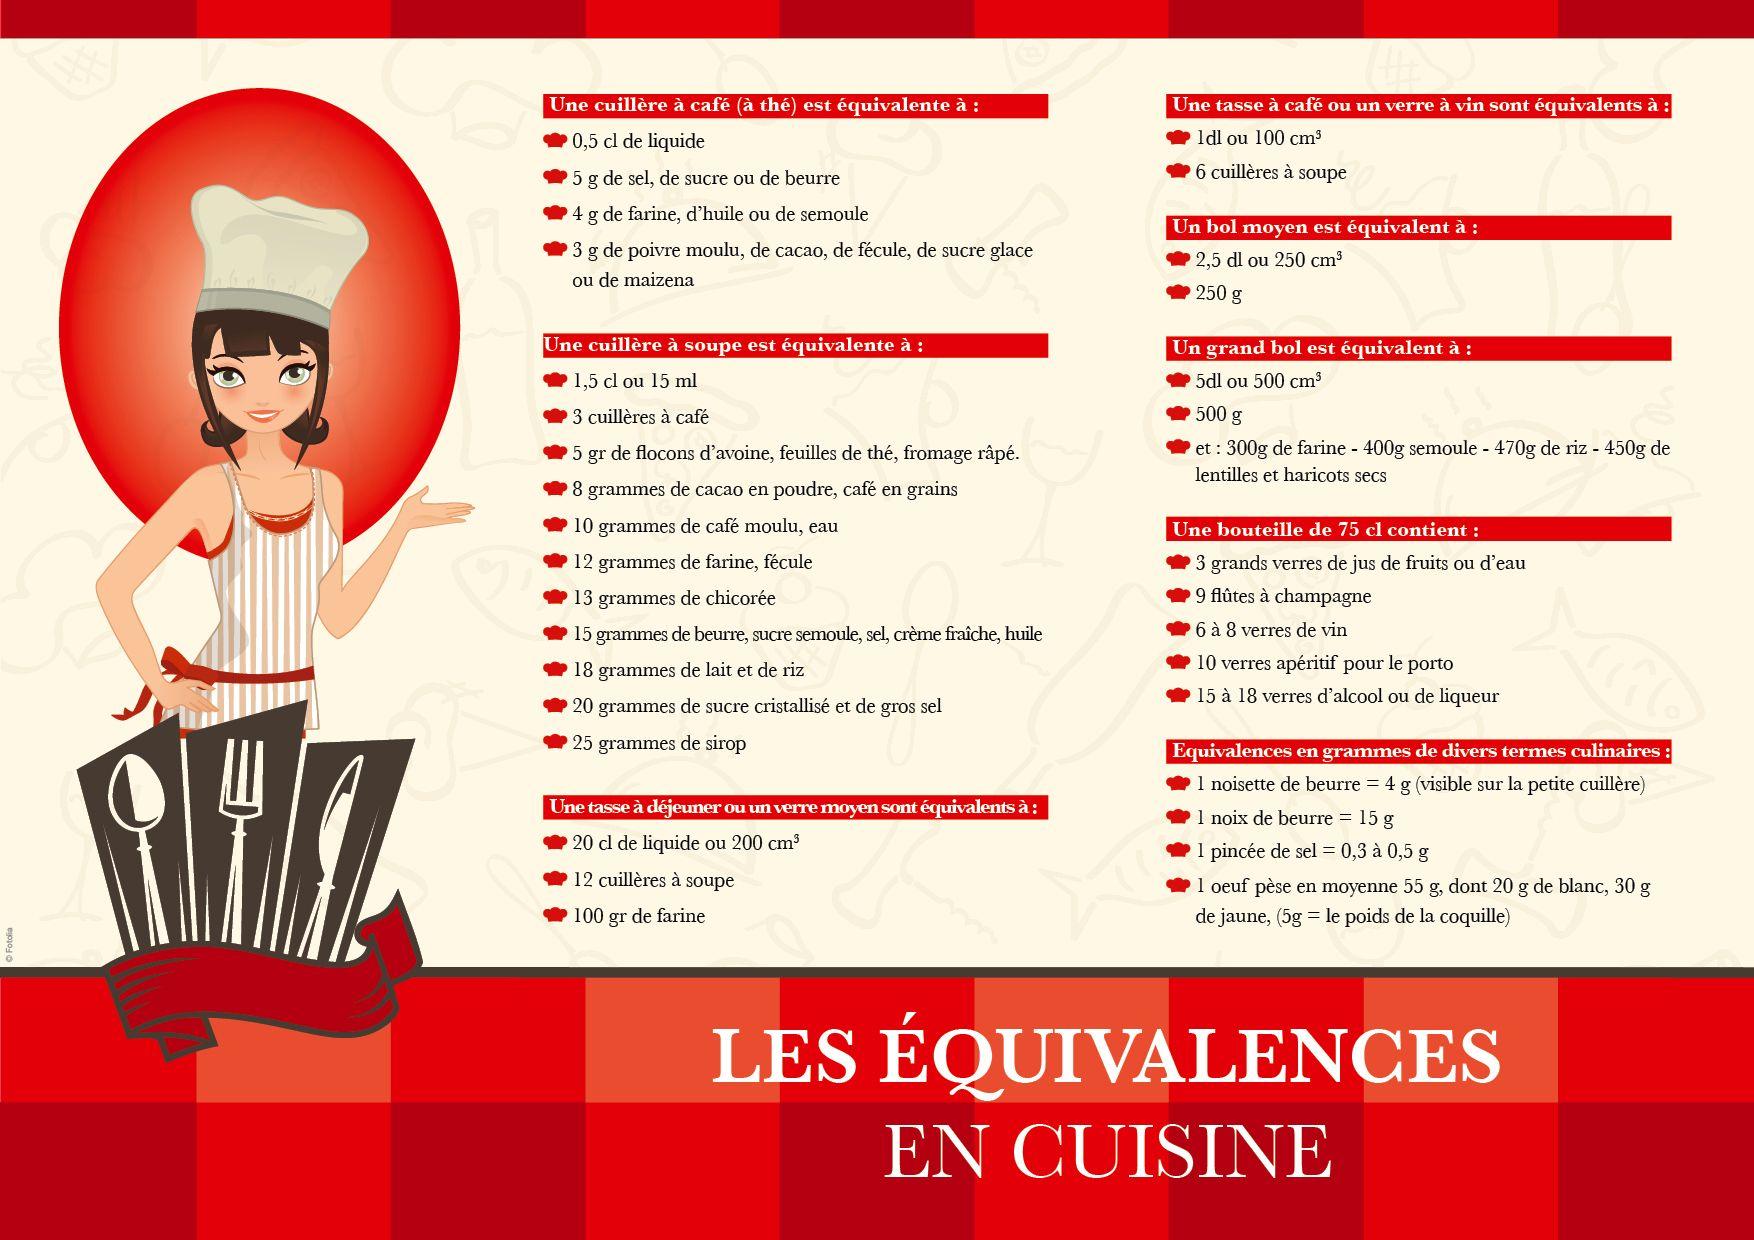 Equivalence en cuisine tableaux quivalences mesures for Equivalence mesure cuisine